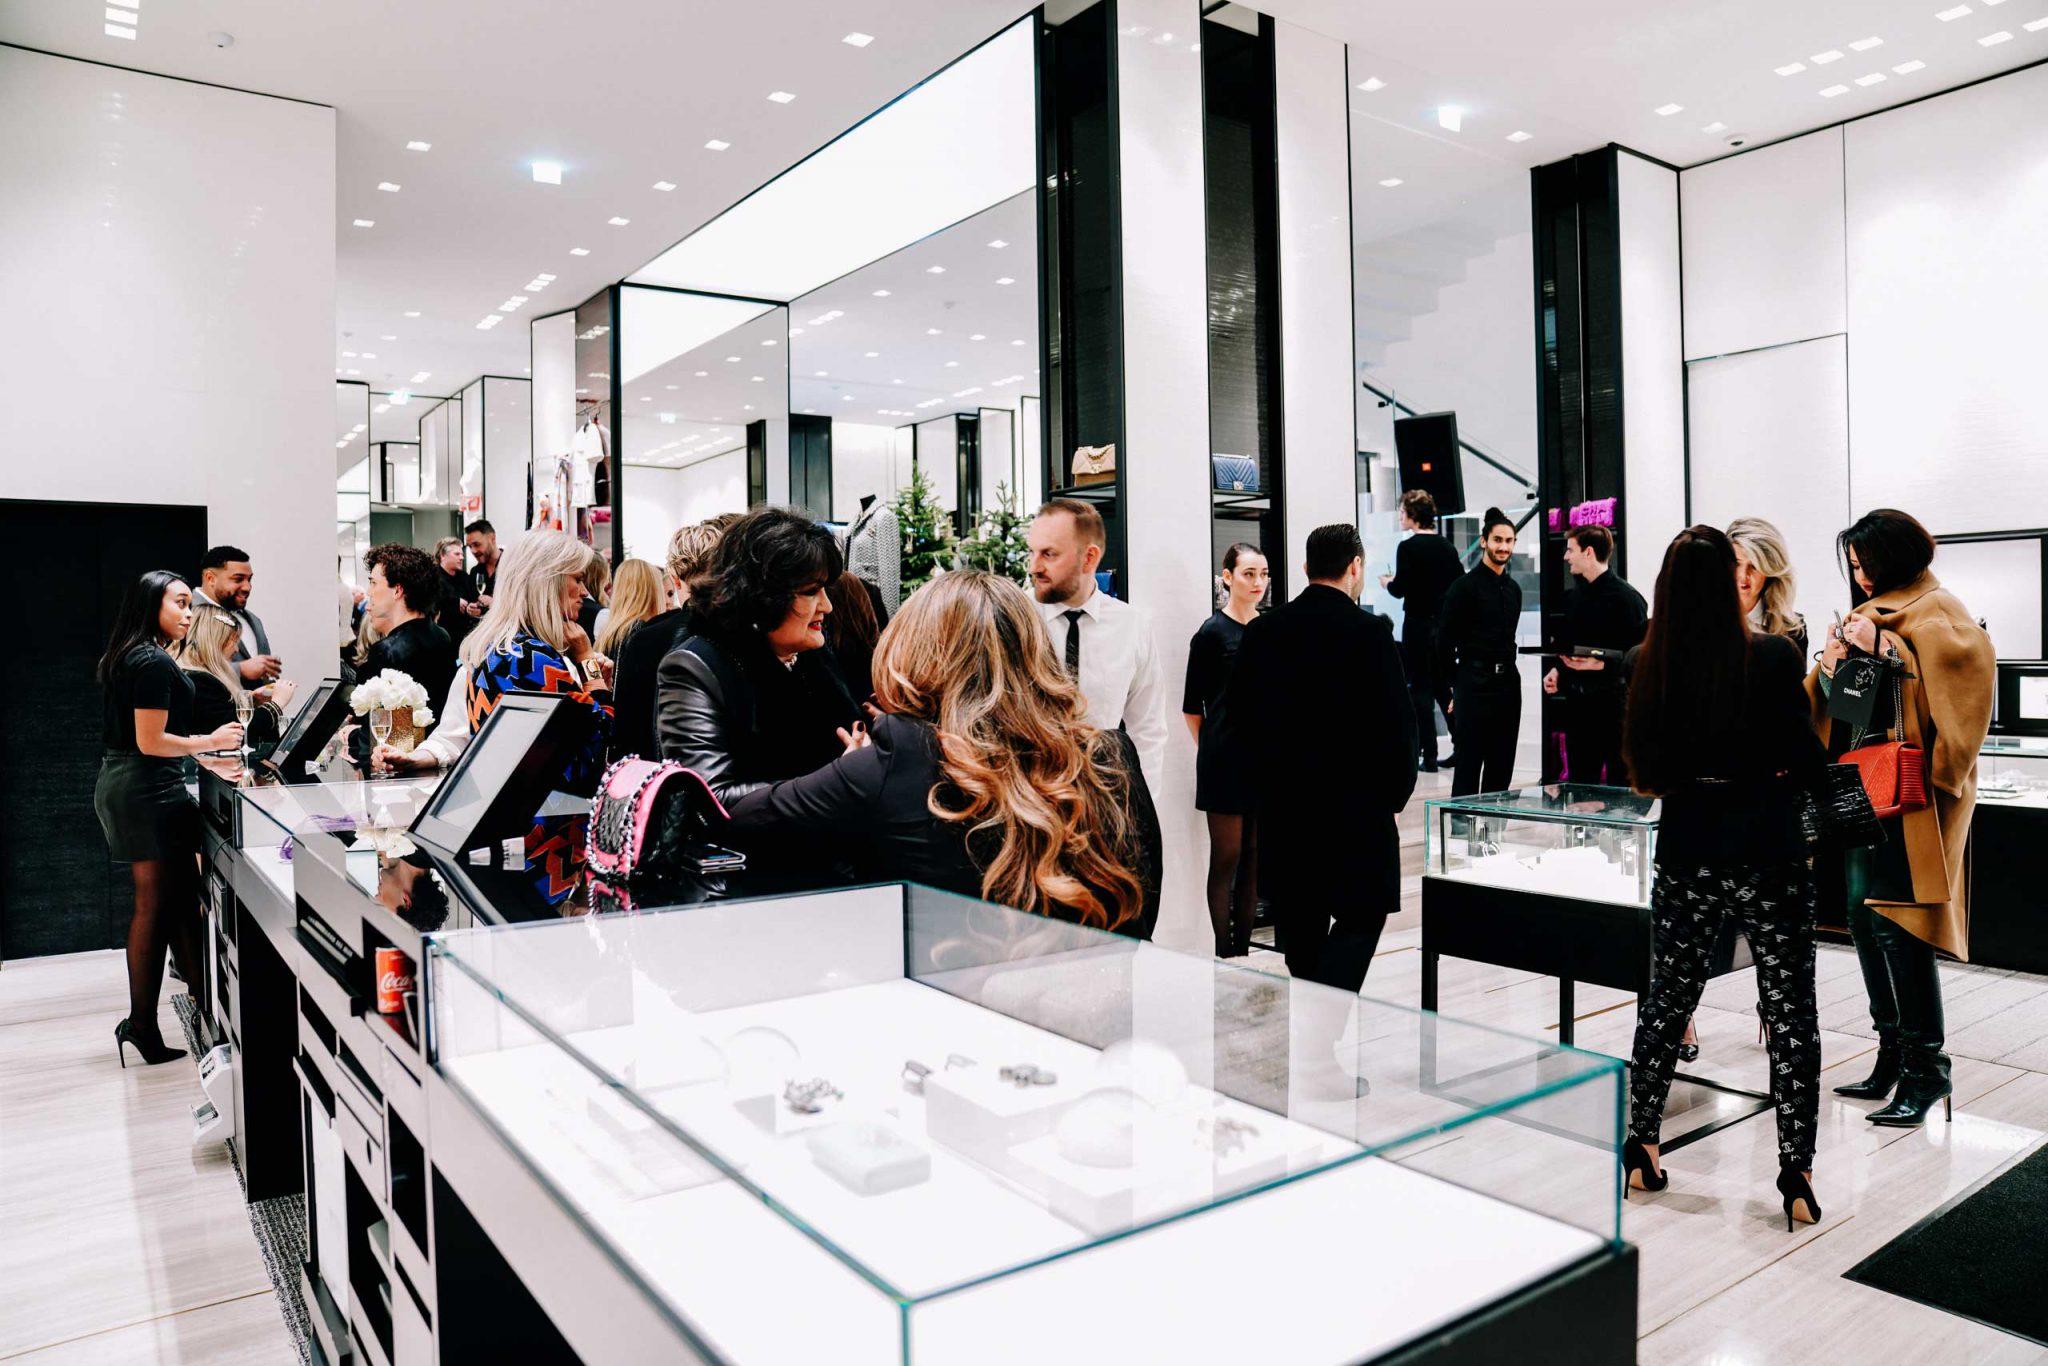 Chanel_Boutique_Cocktail_event_Ilsoo_van_Dijk_07122019-01181